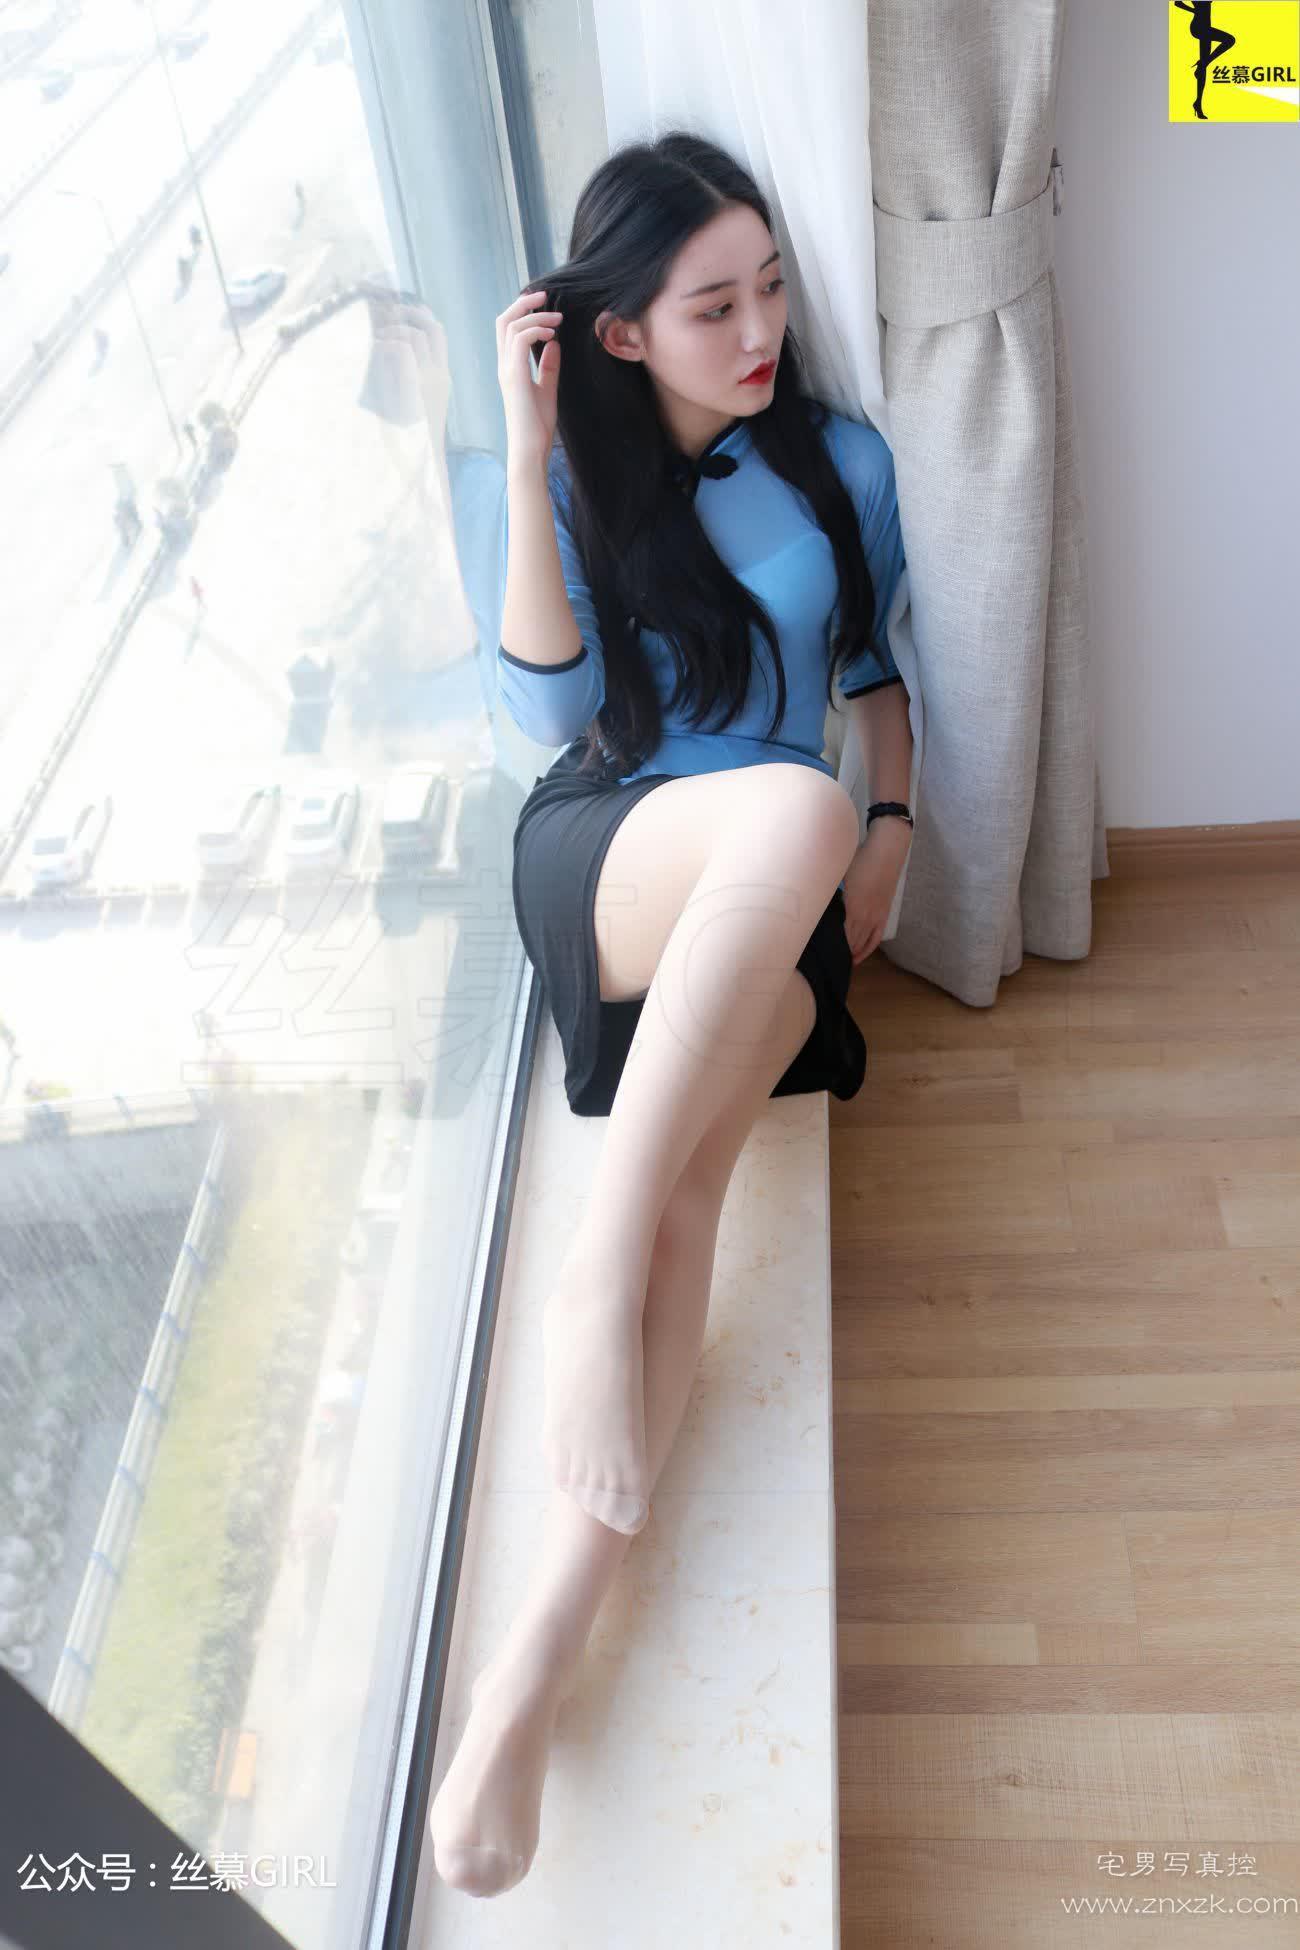 丝慕GIRL No.022 夏子楠&双双 万圣节特刊